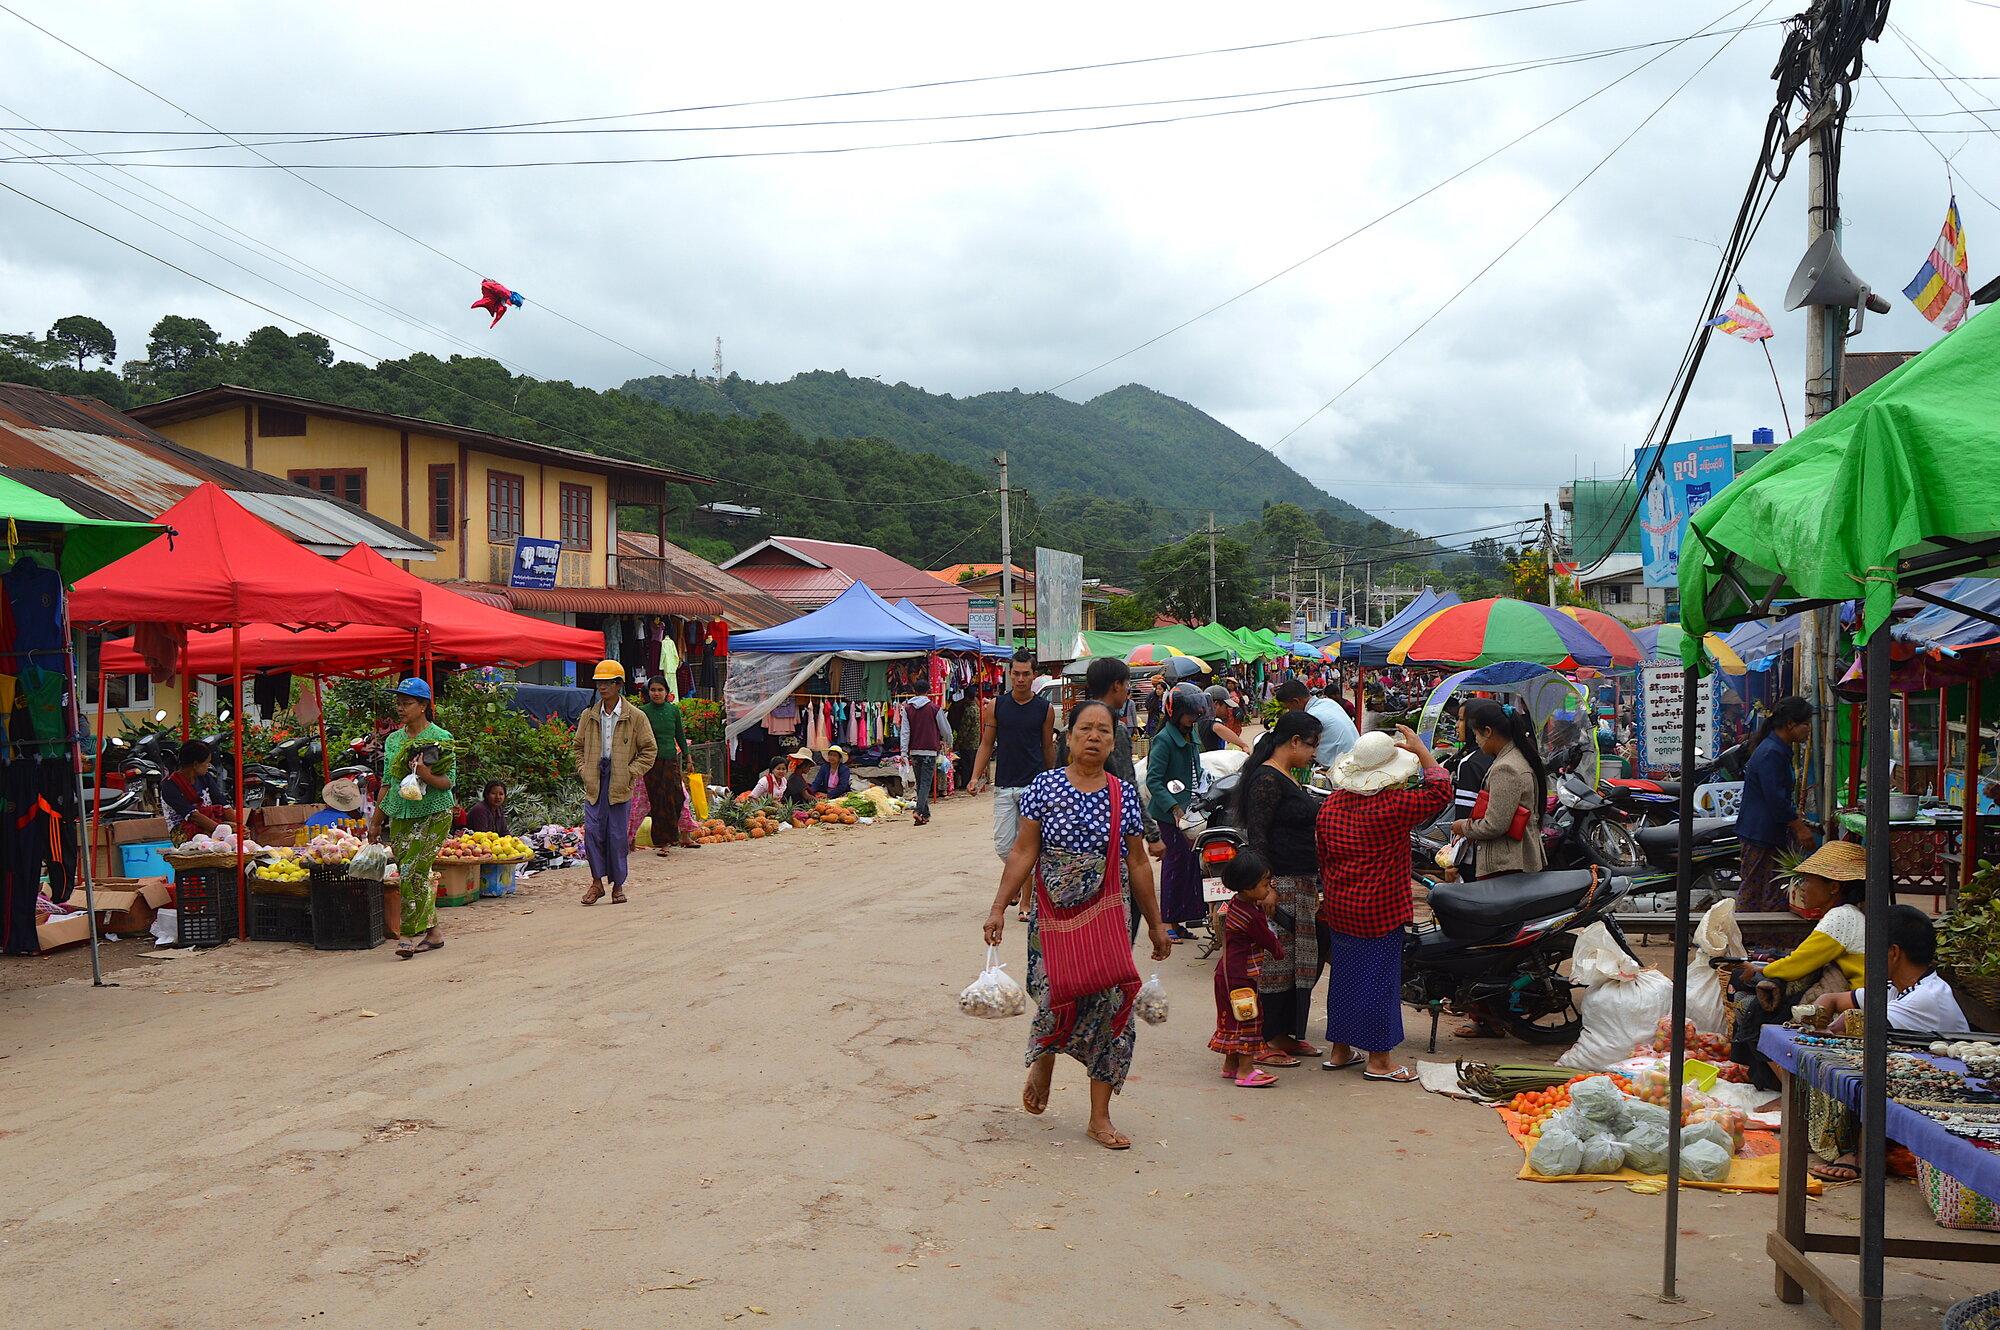 sobotní trhy ve městě Kalaw